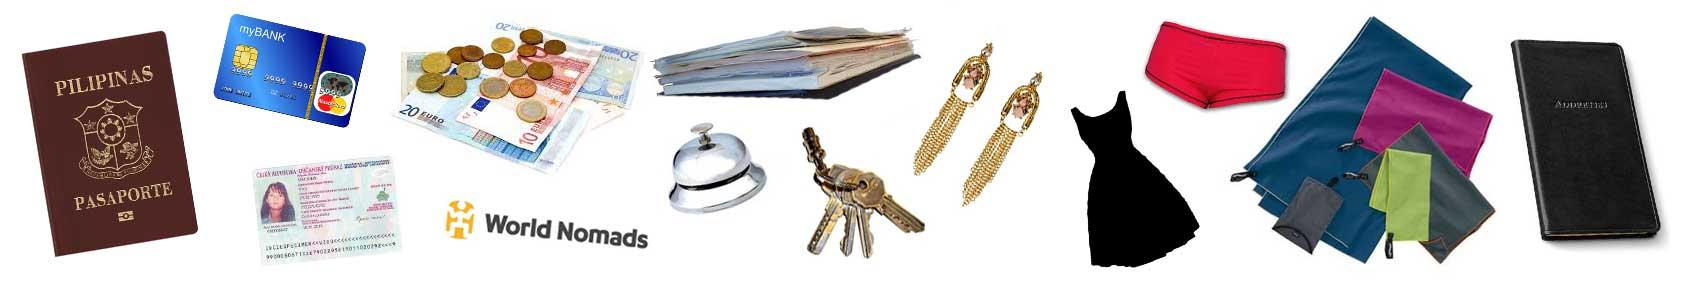 终极装箱清单指南:必不可少的物品